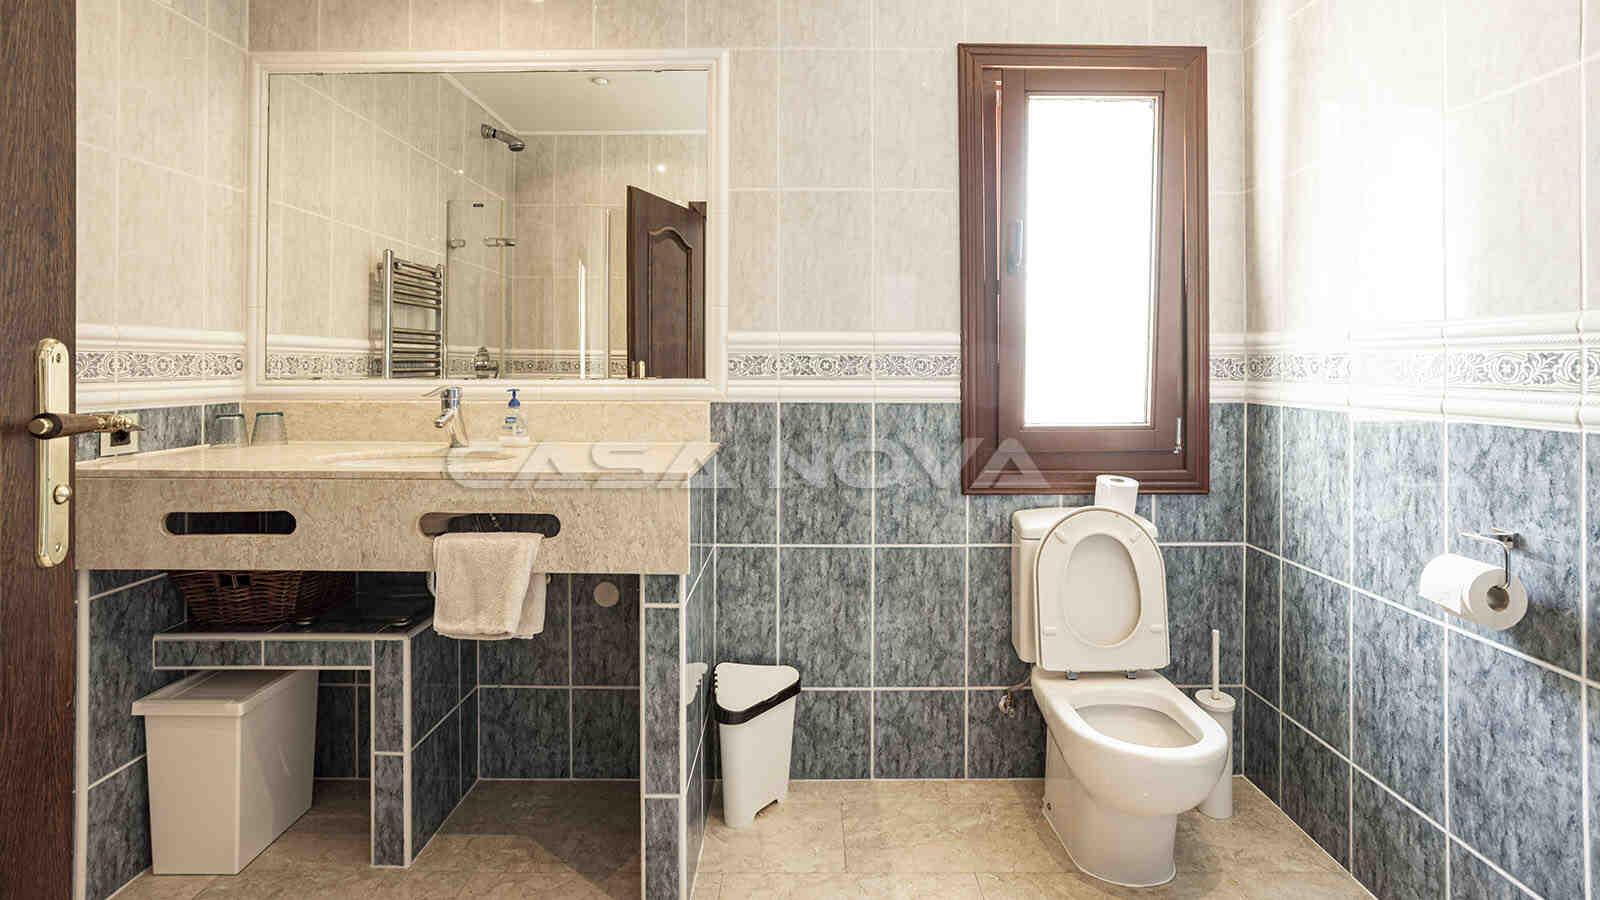 Drittes Badezimmer mit mediterranen Akzenten